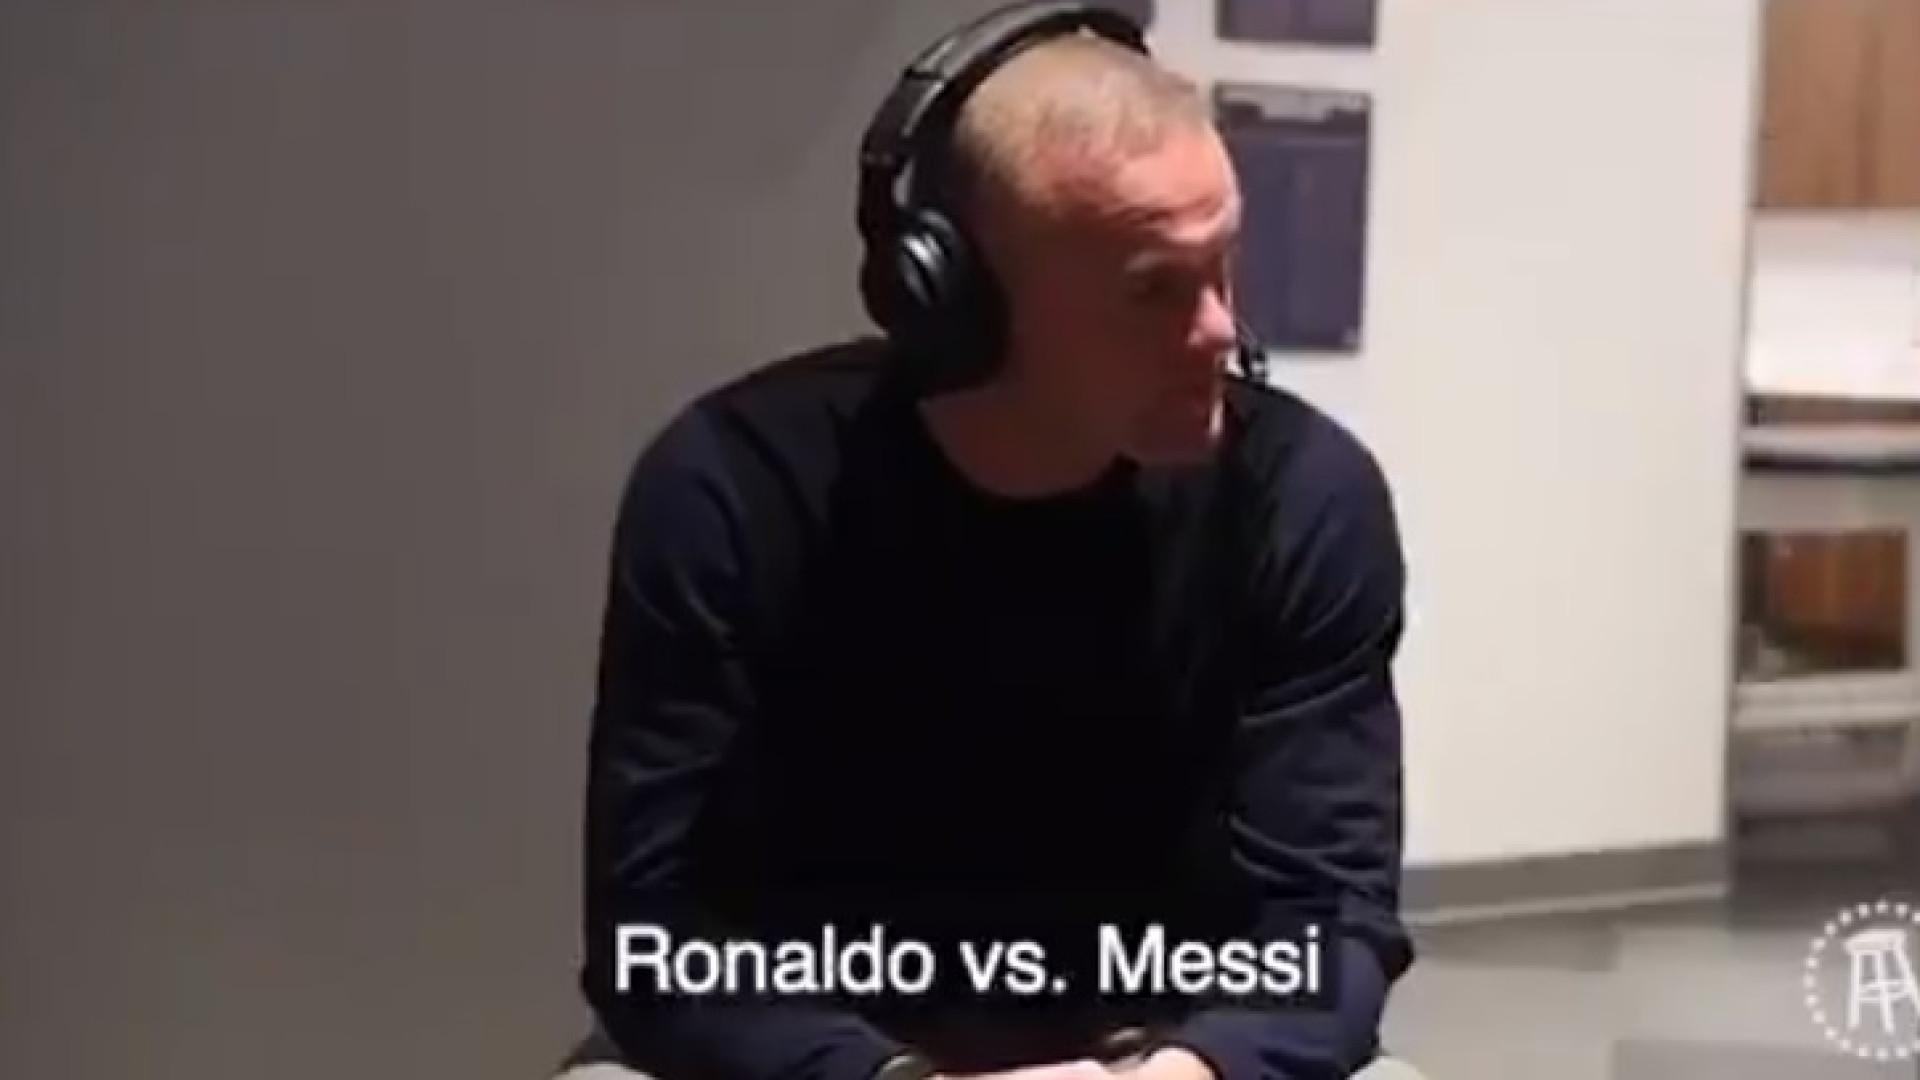 Messi ou CR7, qual o melhor? Rooney nem pensou duas vezes